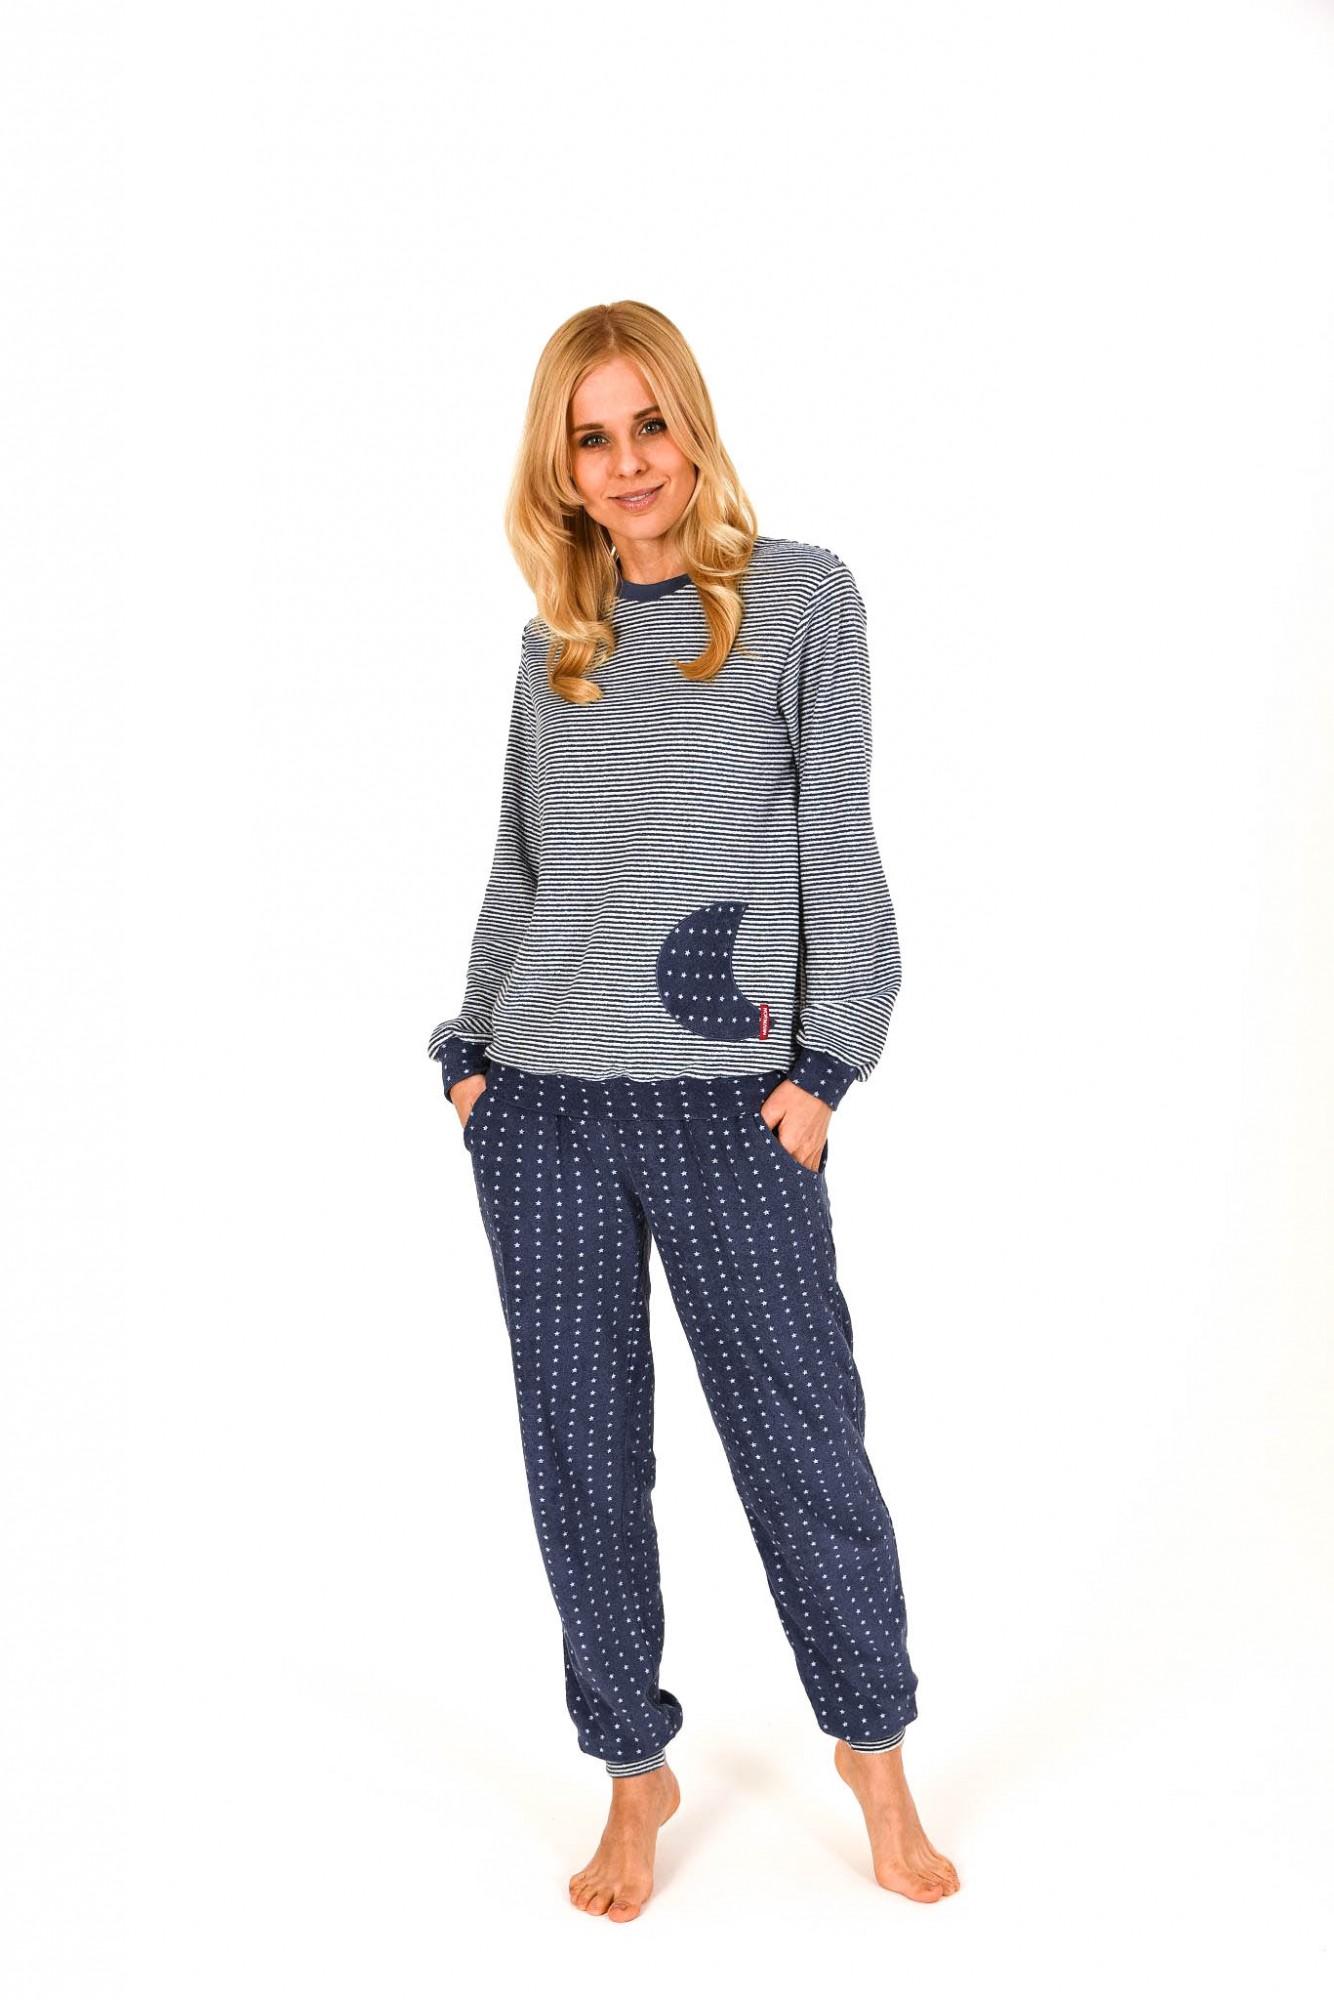 Damen Frottee Pyjama lang mit Bündchen – auch in Übergrössen  bis 60/62- 201 93 200